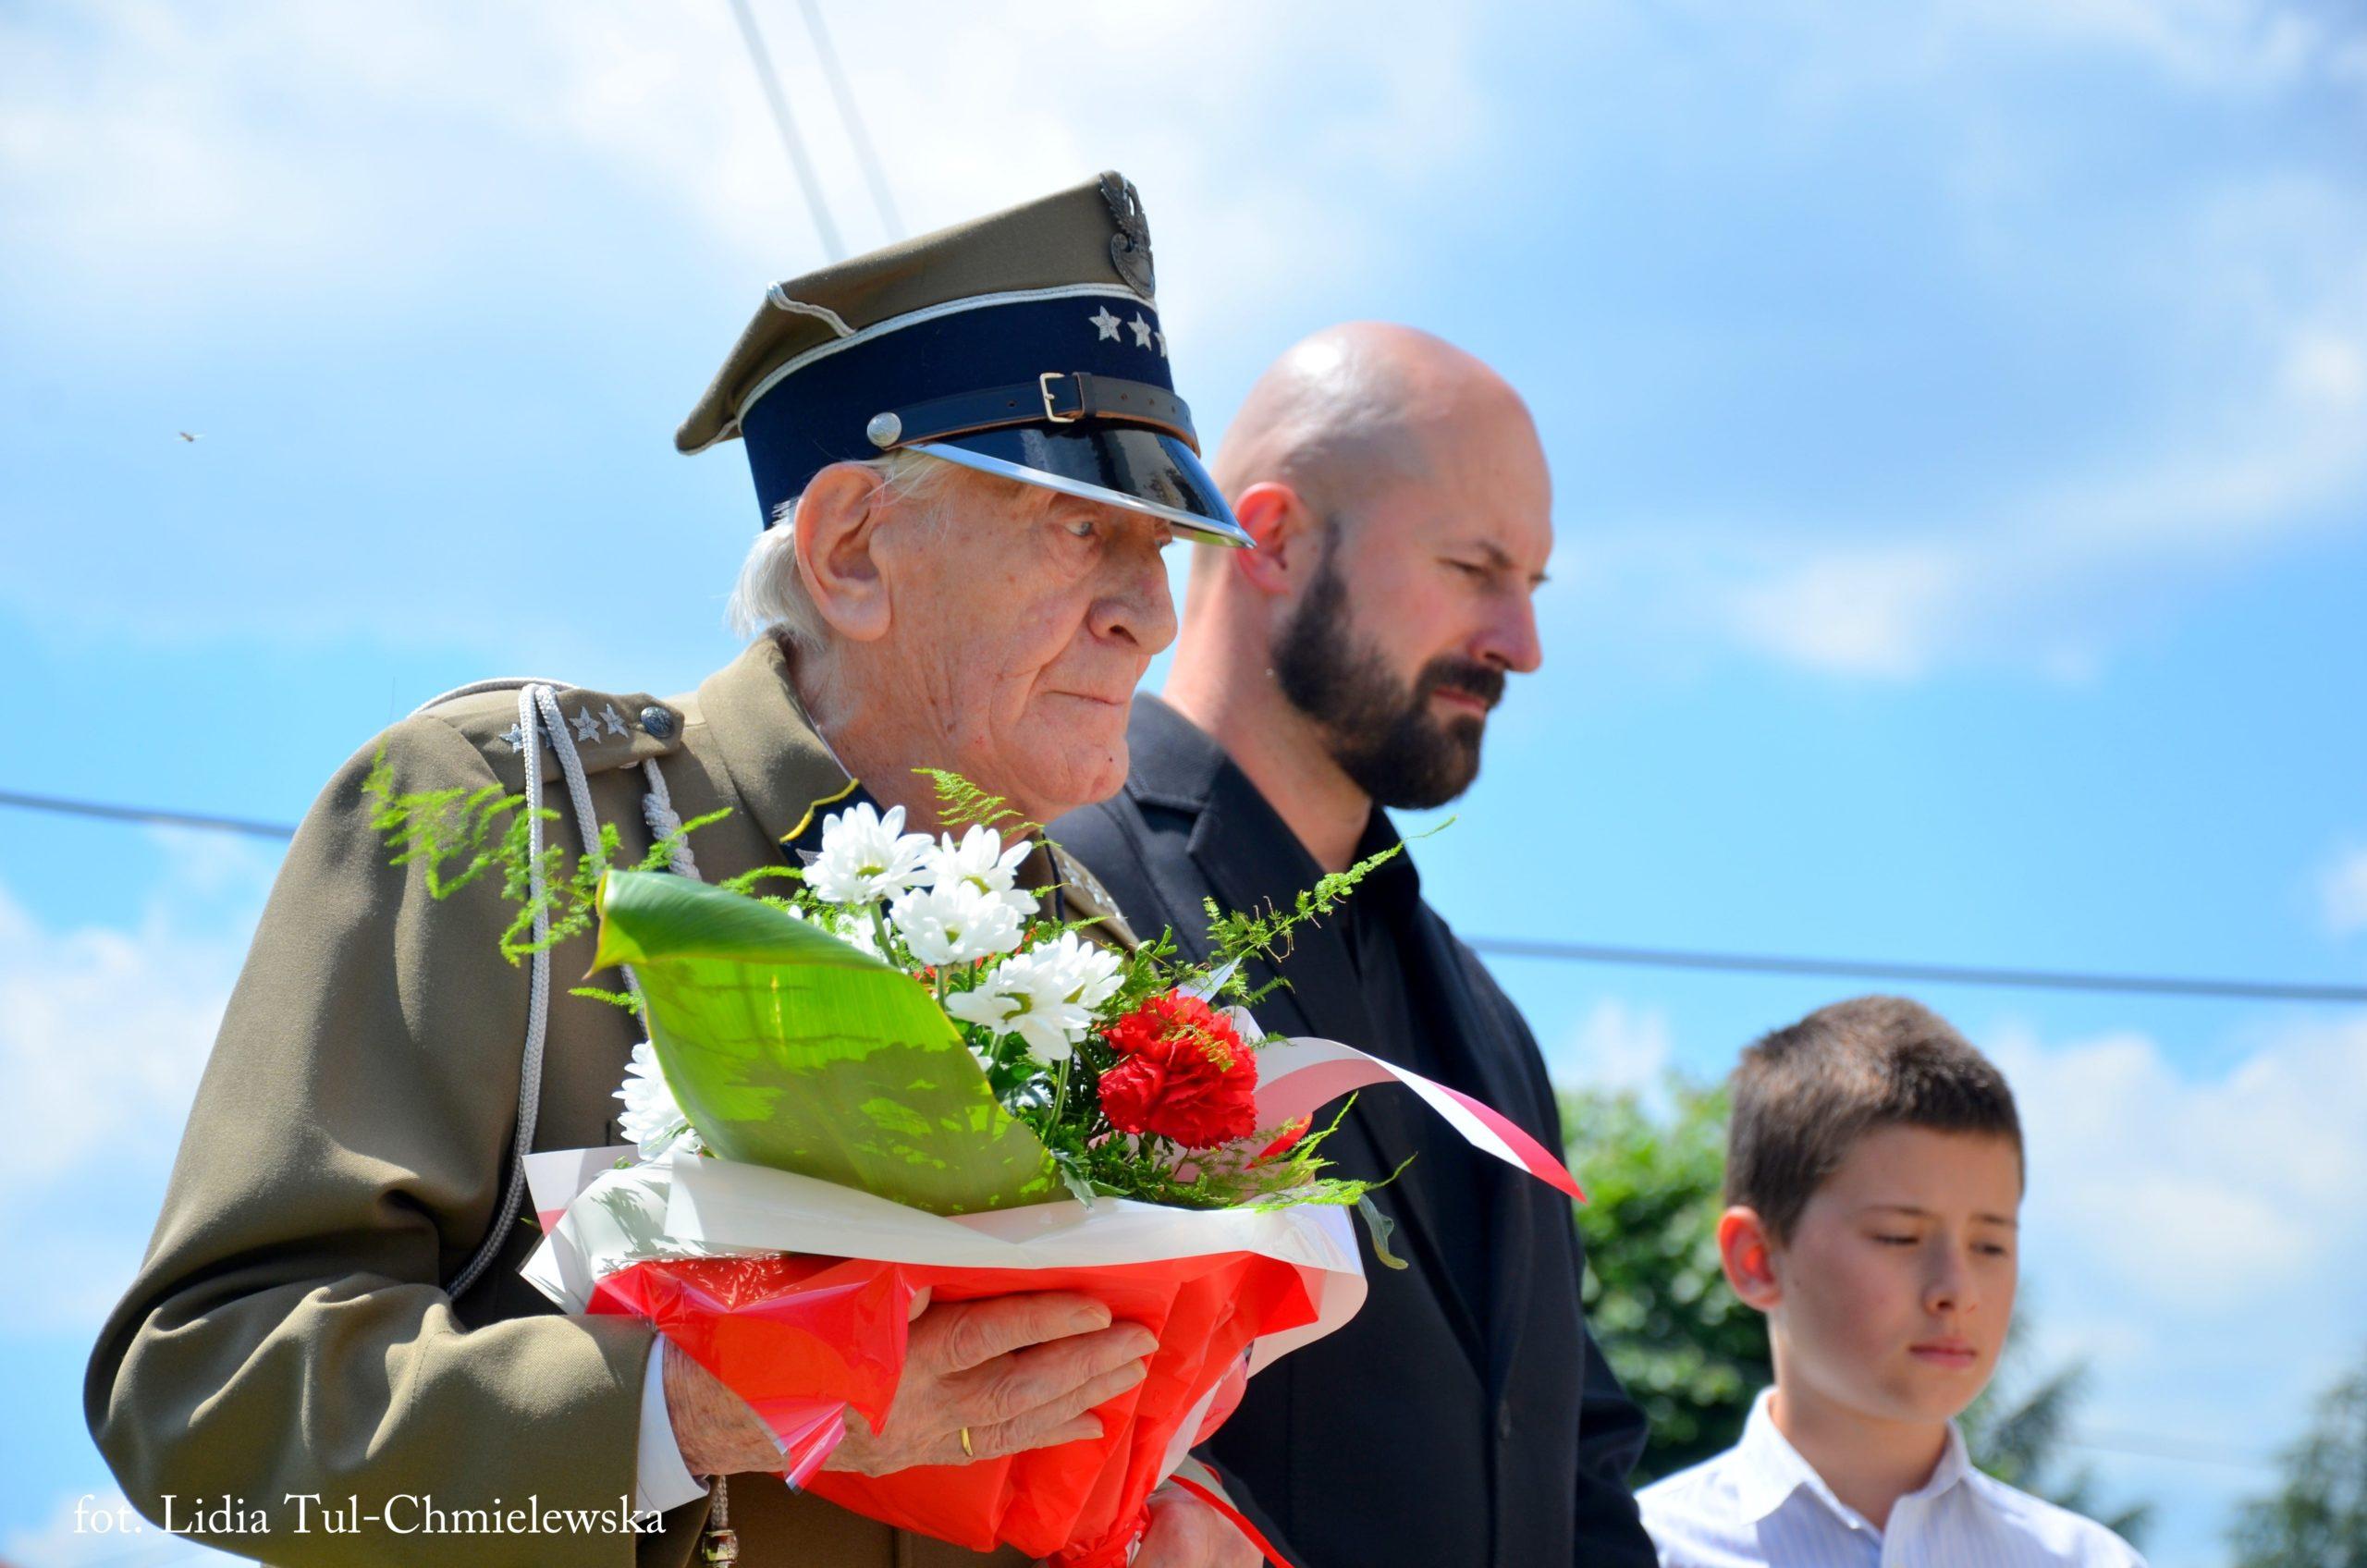 Wzruszenie pokoleń przy składaniu kwiatów pod tablicą /fot. Lidia Tul-Chmielewska